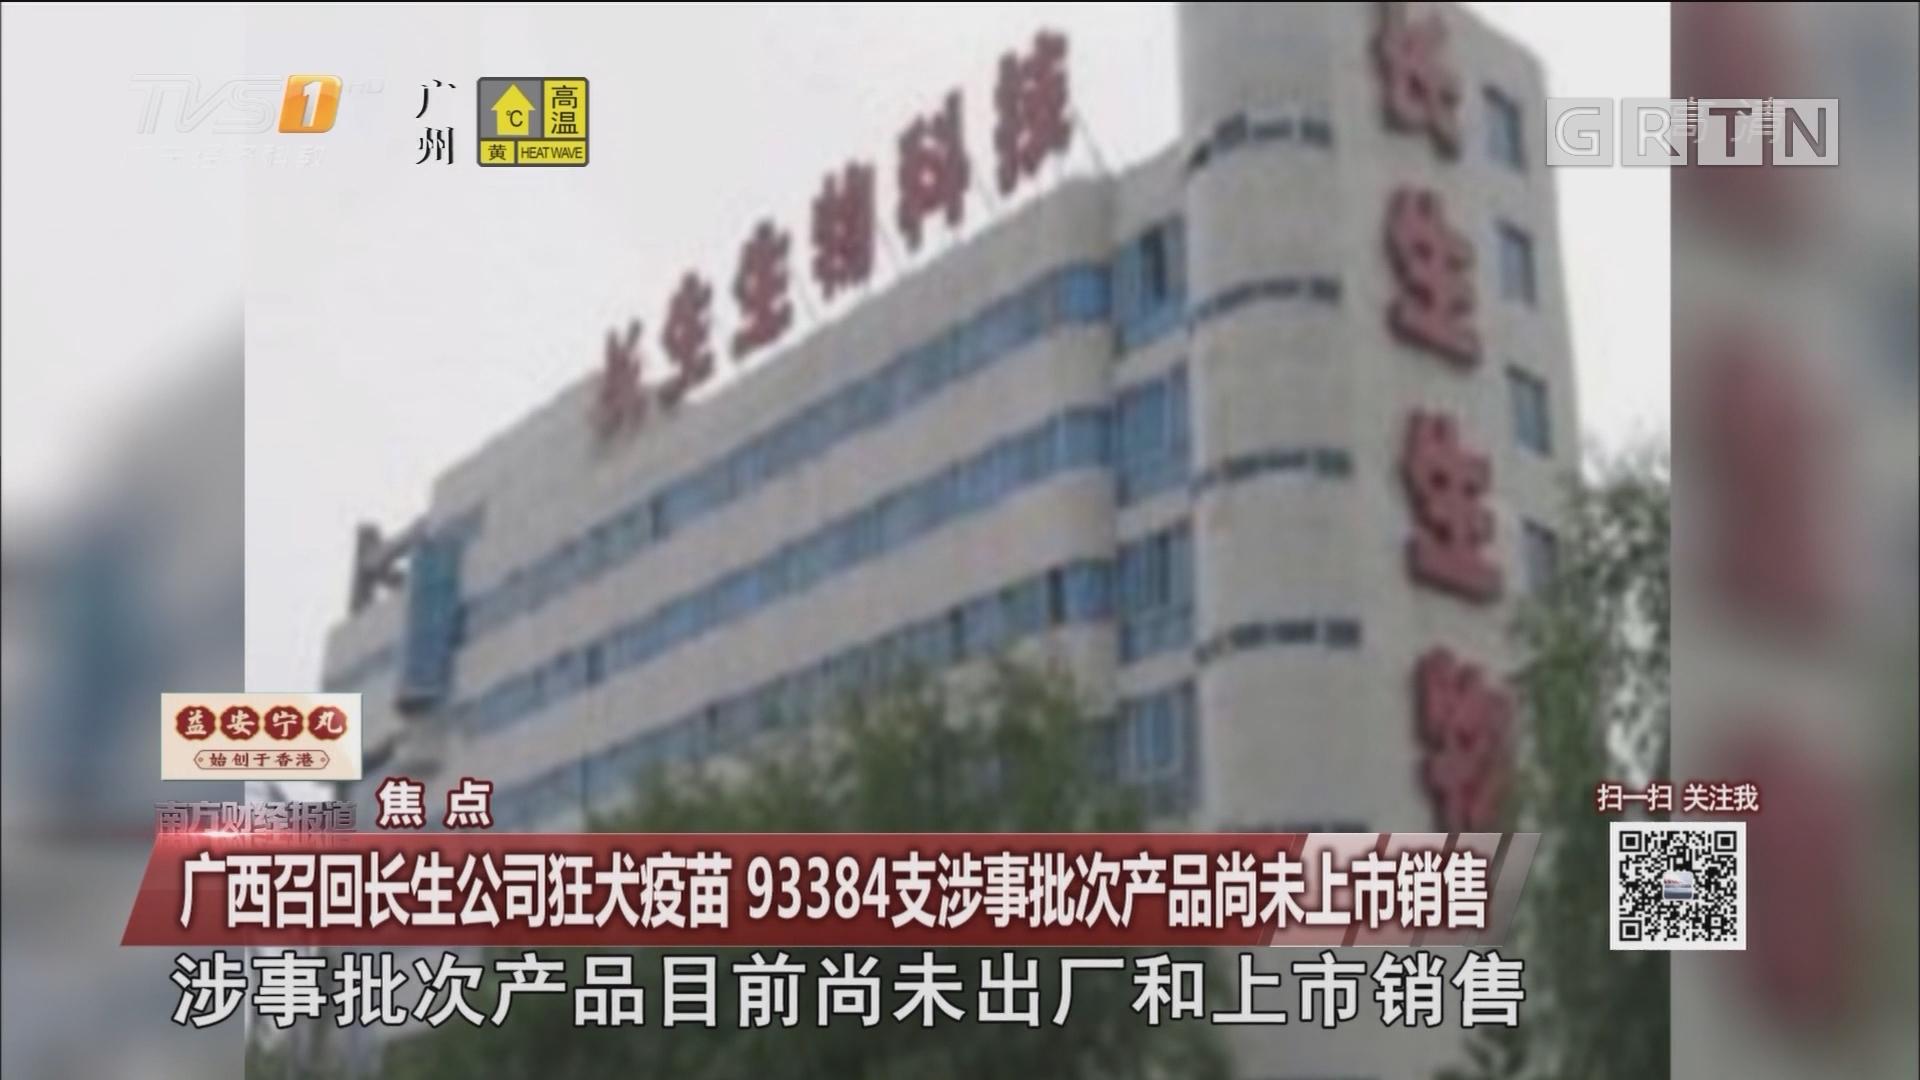 广西召回长生公司狂犬疫苗 93384支涉事批次产品尚未上市销售